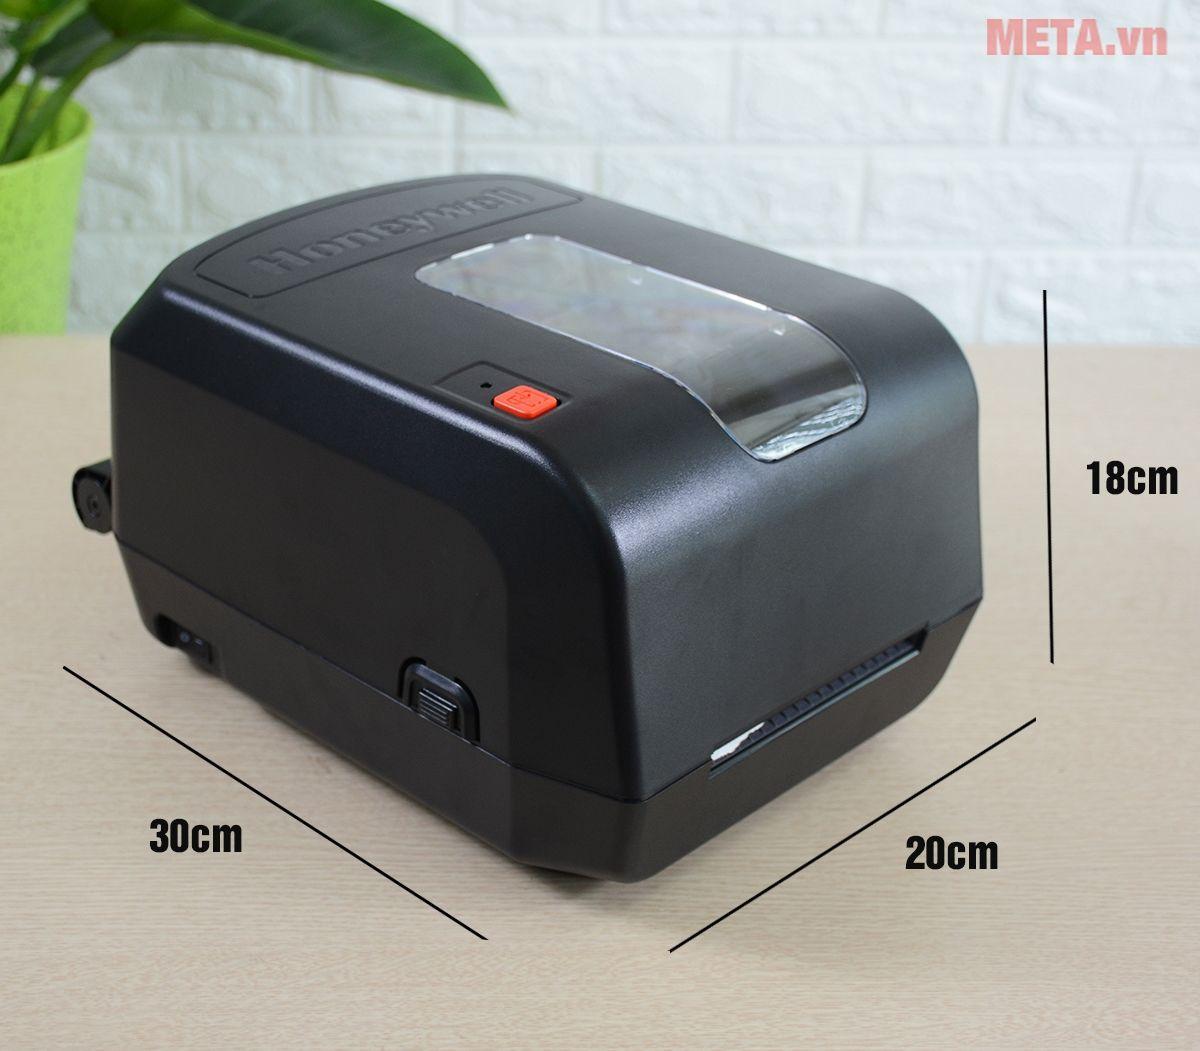 Kích thước của máy in mã vạch